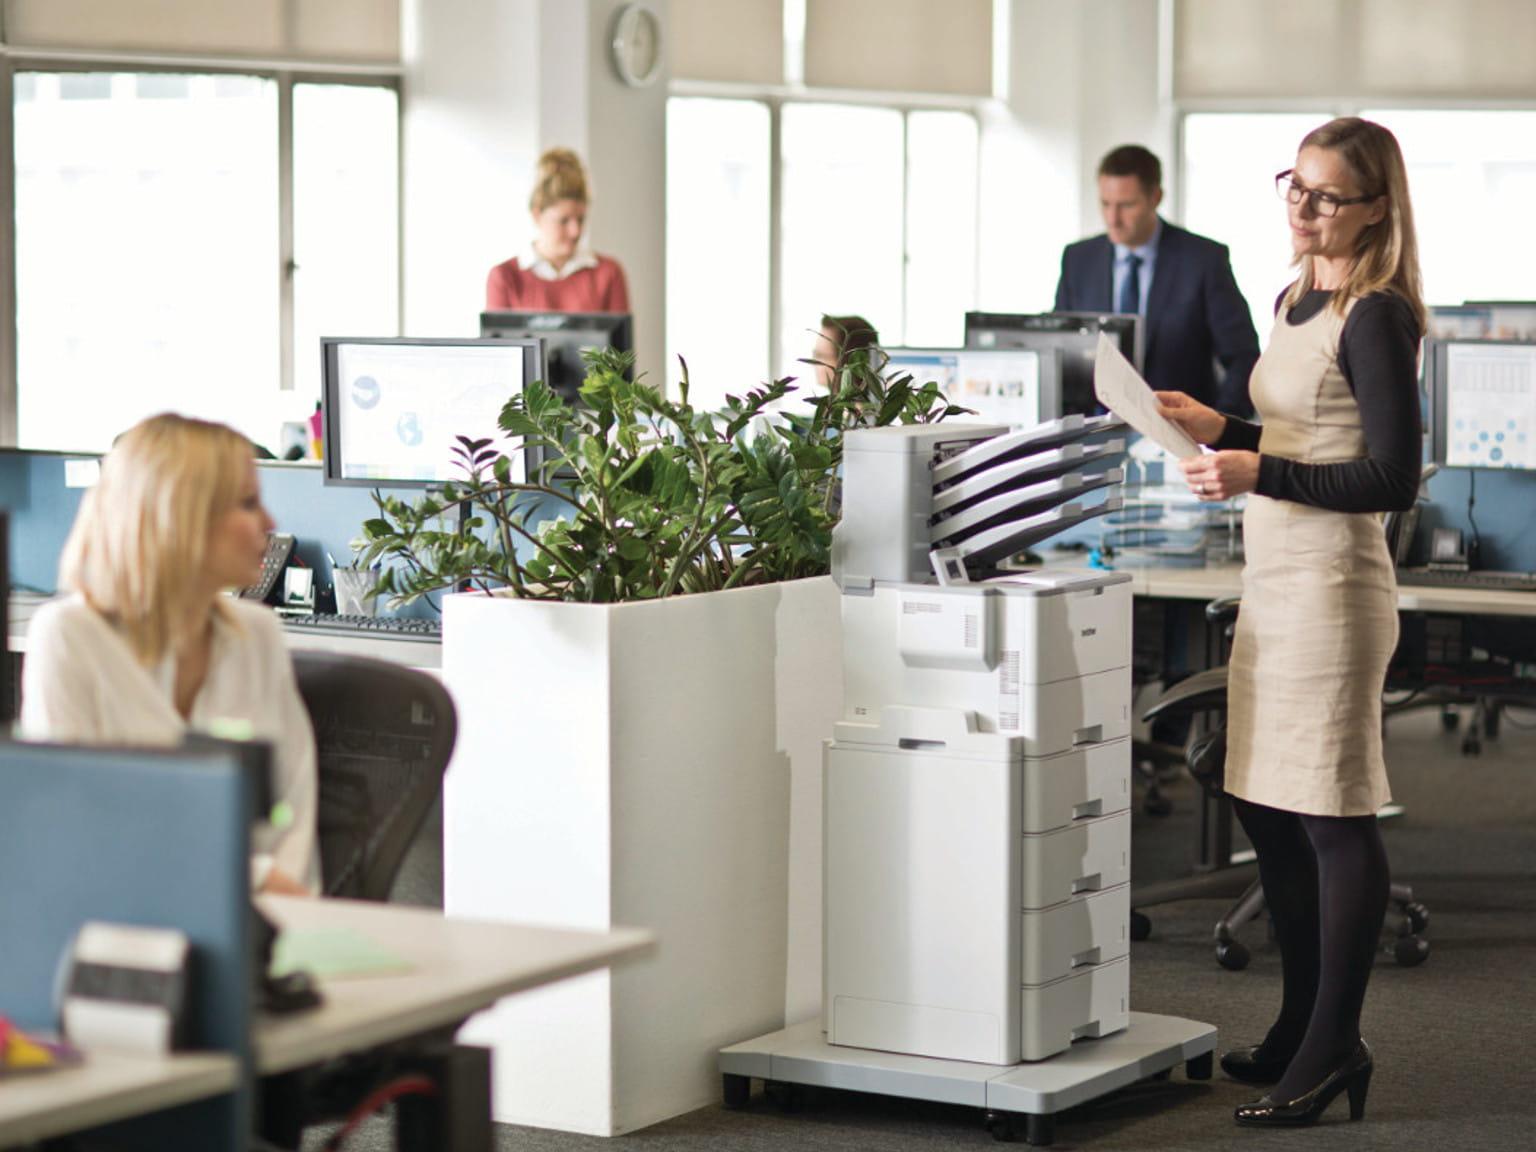 Pessoas em um escritório com uma impressora Brother